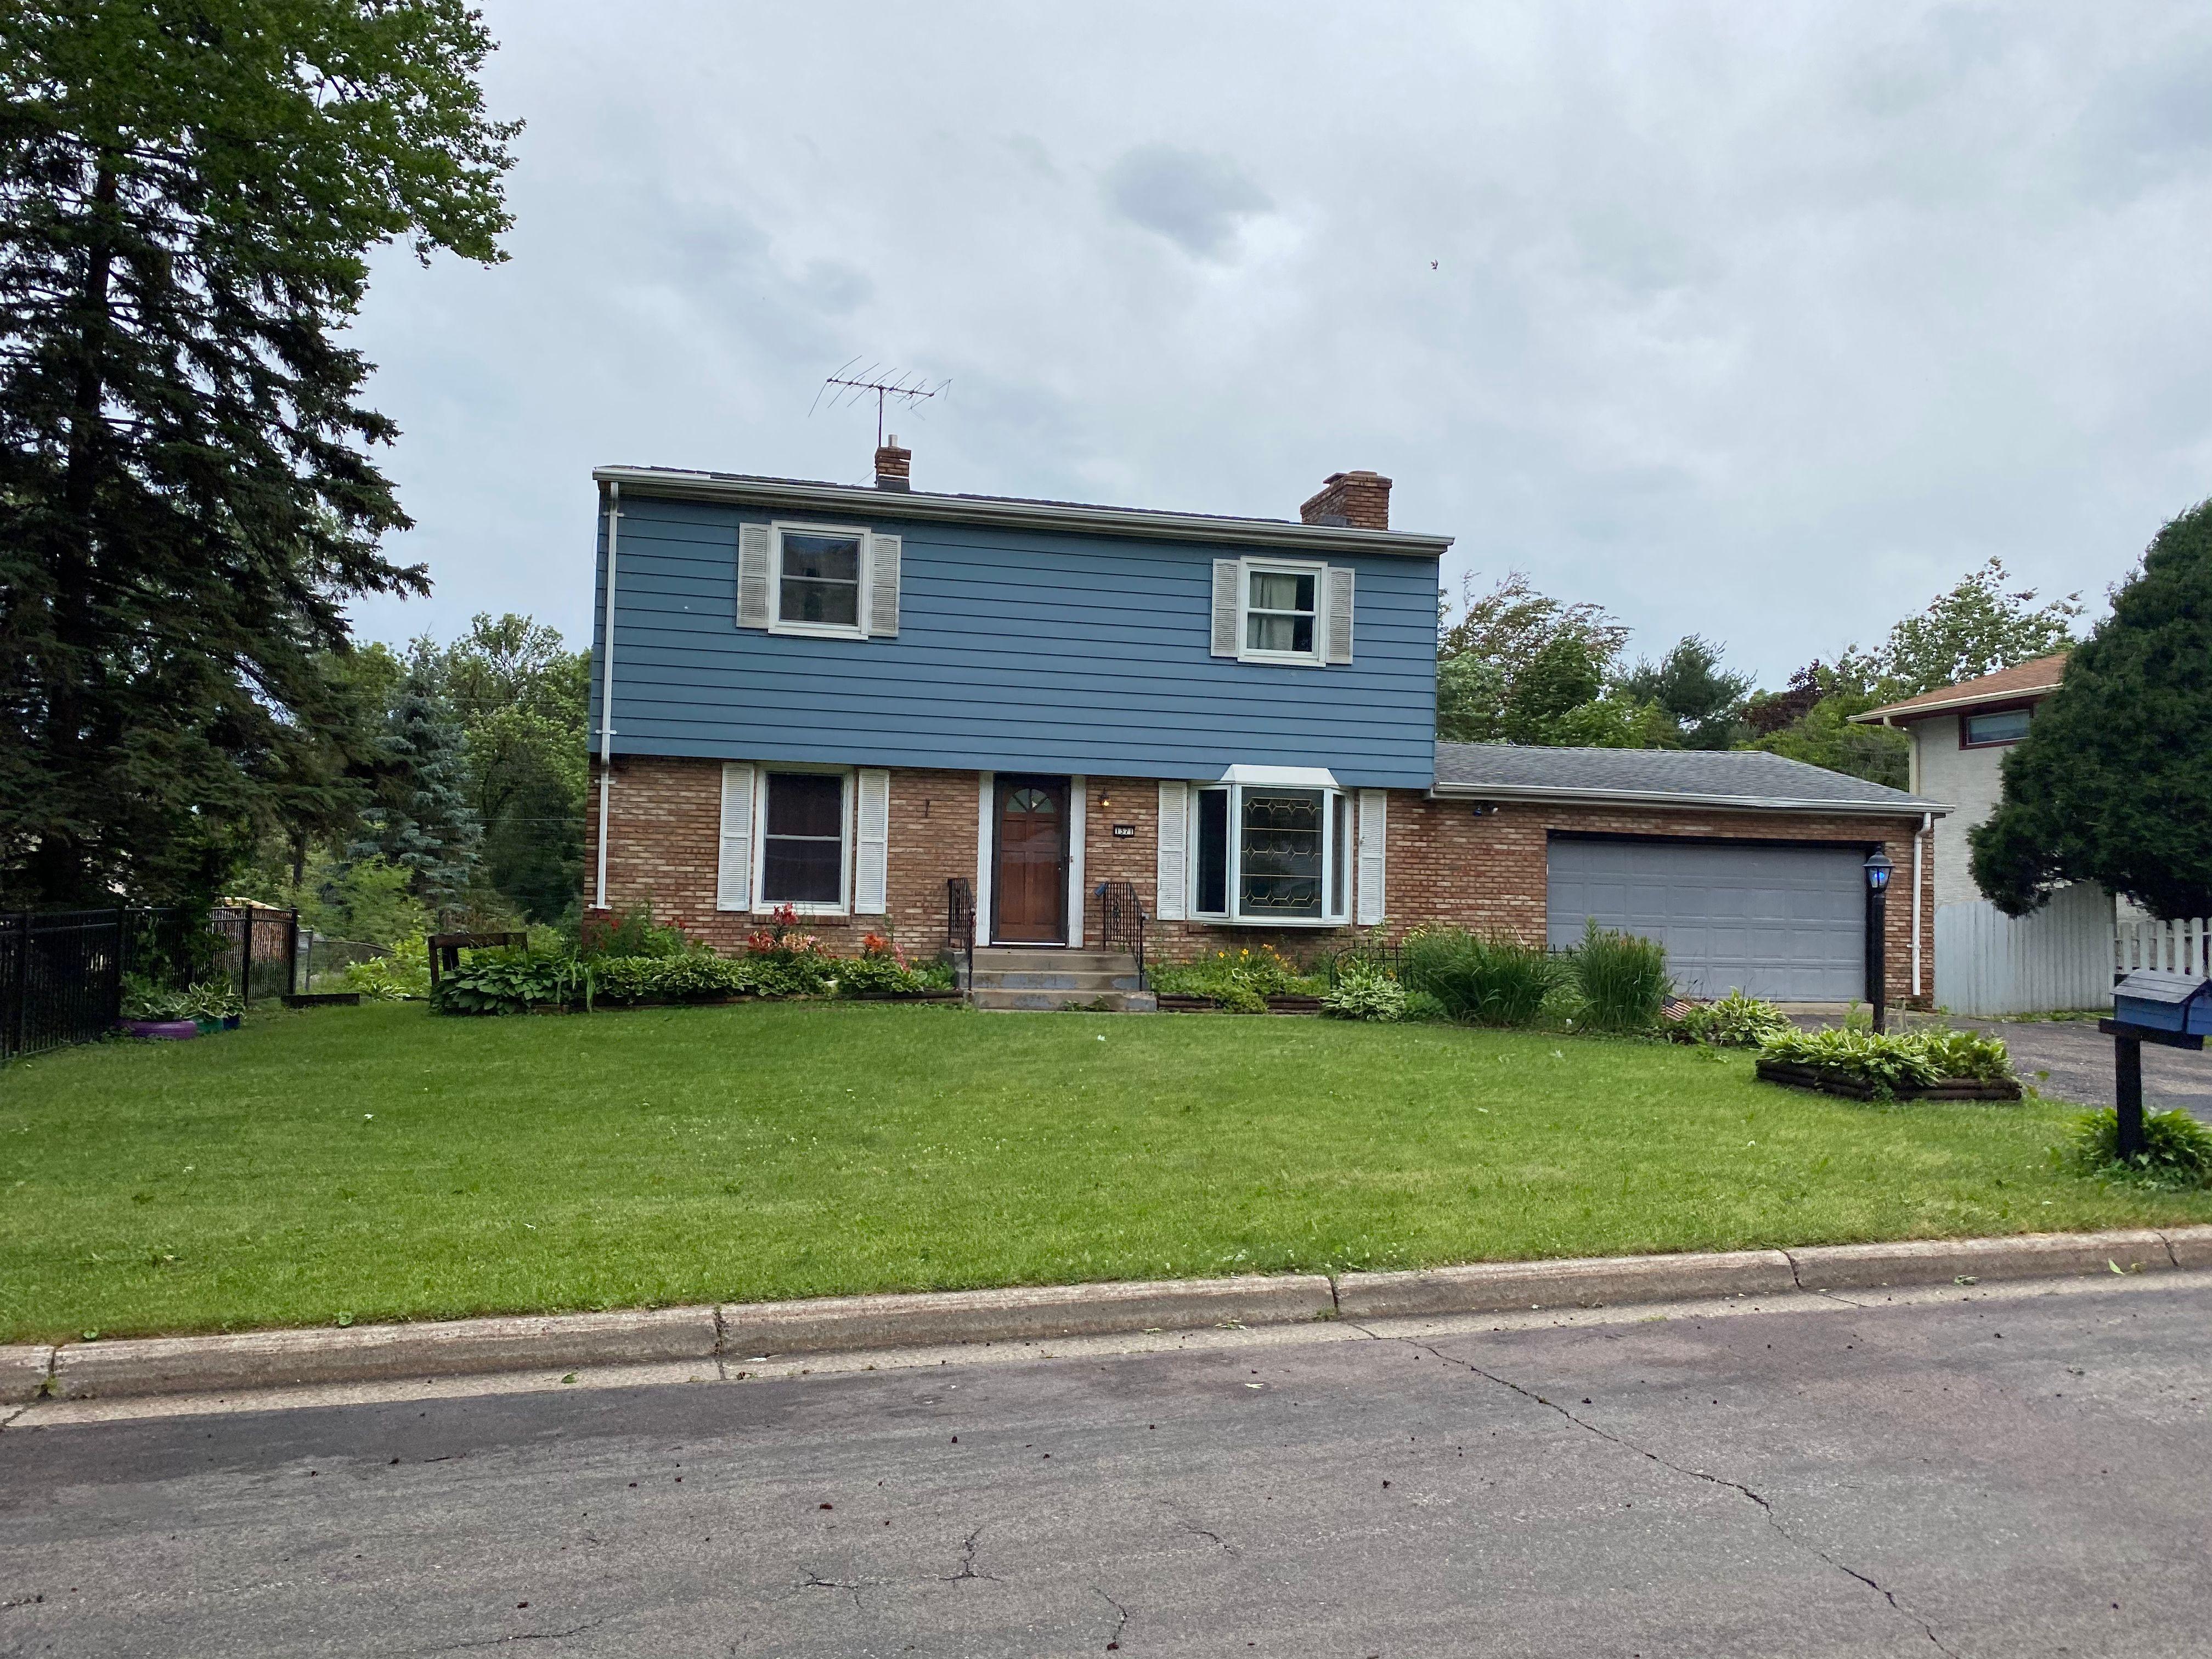 1371 Smith Ave S, West Saint Paul, MN